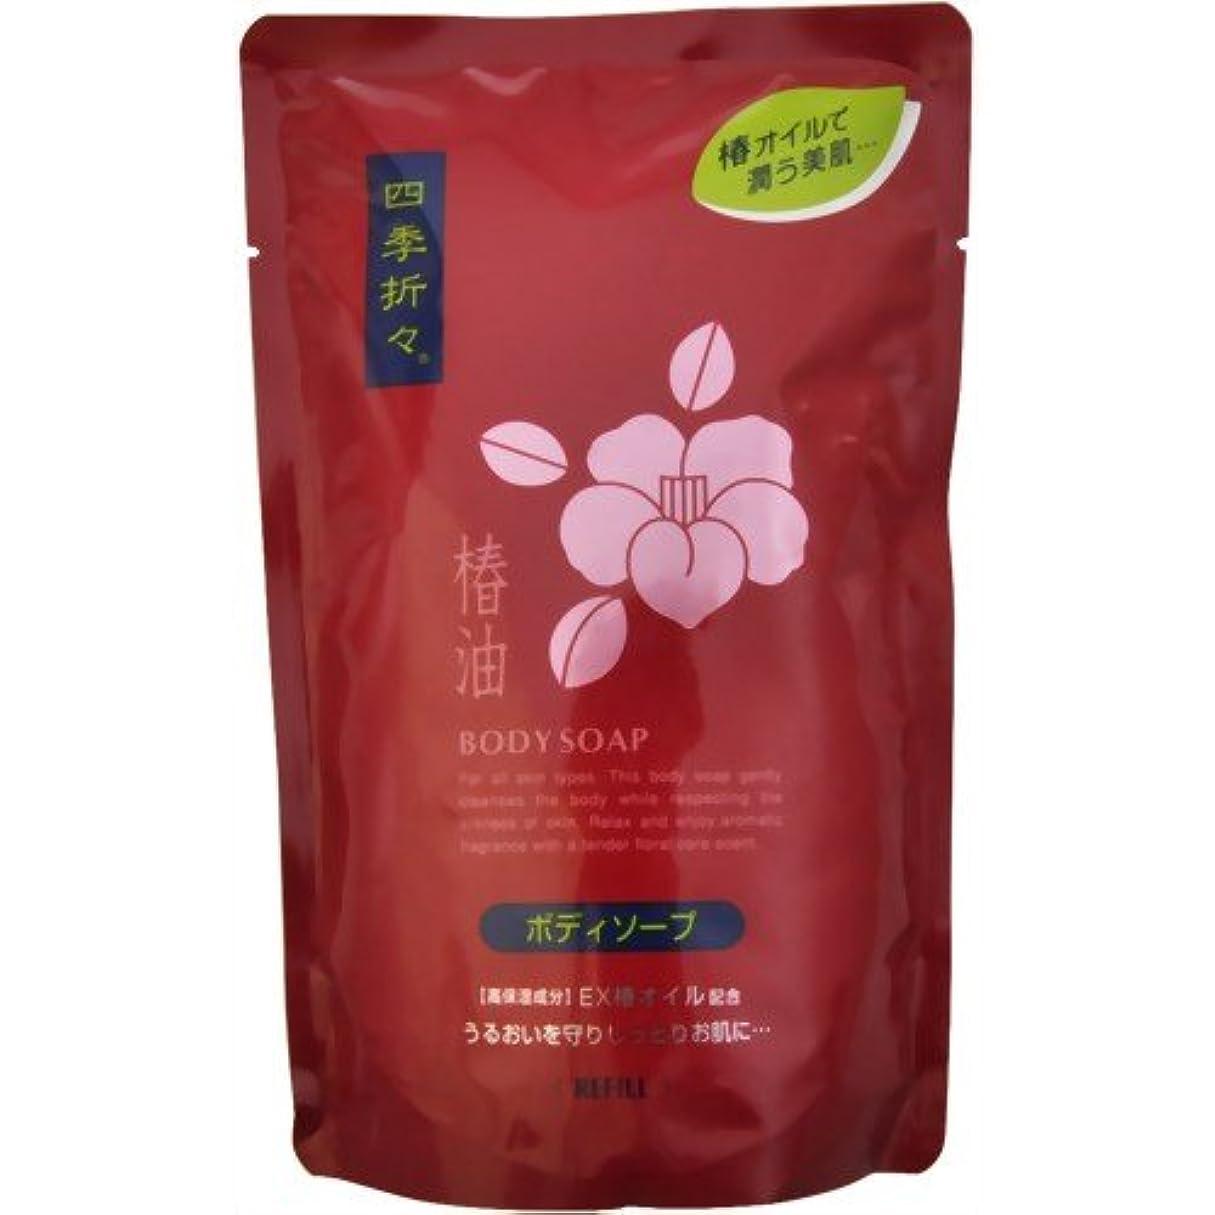 つぼみ場合同盟熊野油脂 四季折々 椿油ボディソープ つめかえ用 450ml